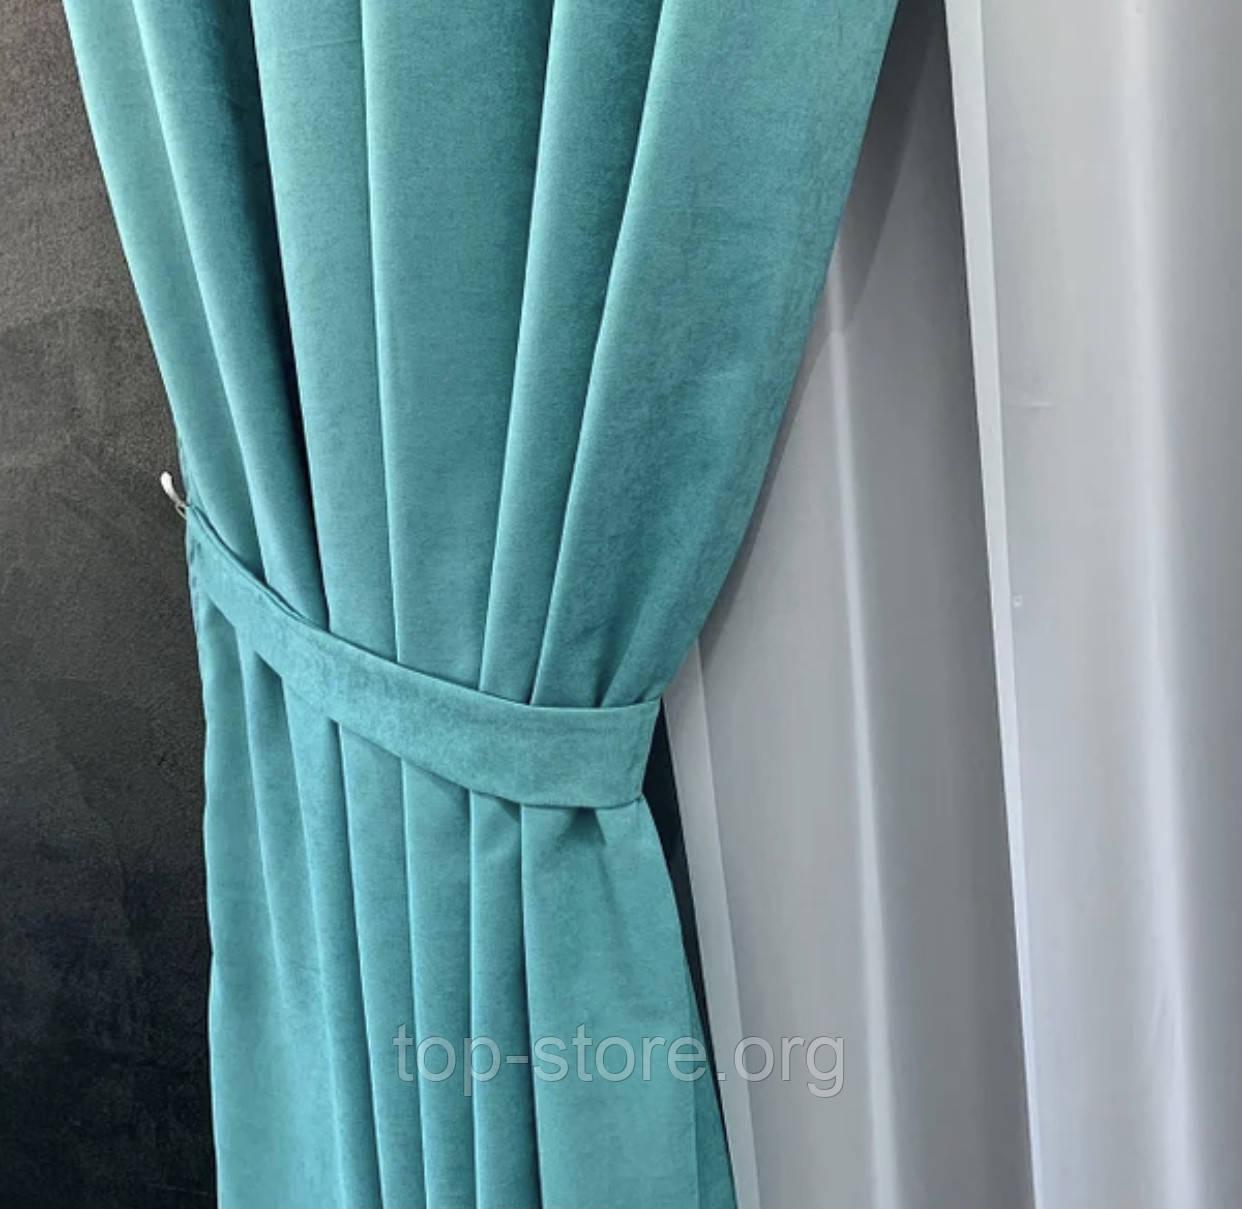 Комплект штор на тасьмі з тюлем Штори мікровелюр + тюль шифон Штори з підхватами Колір Бірюза